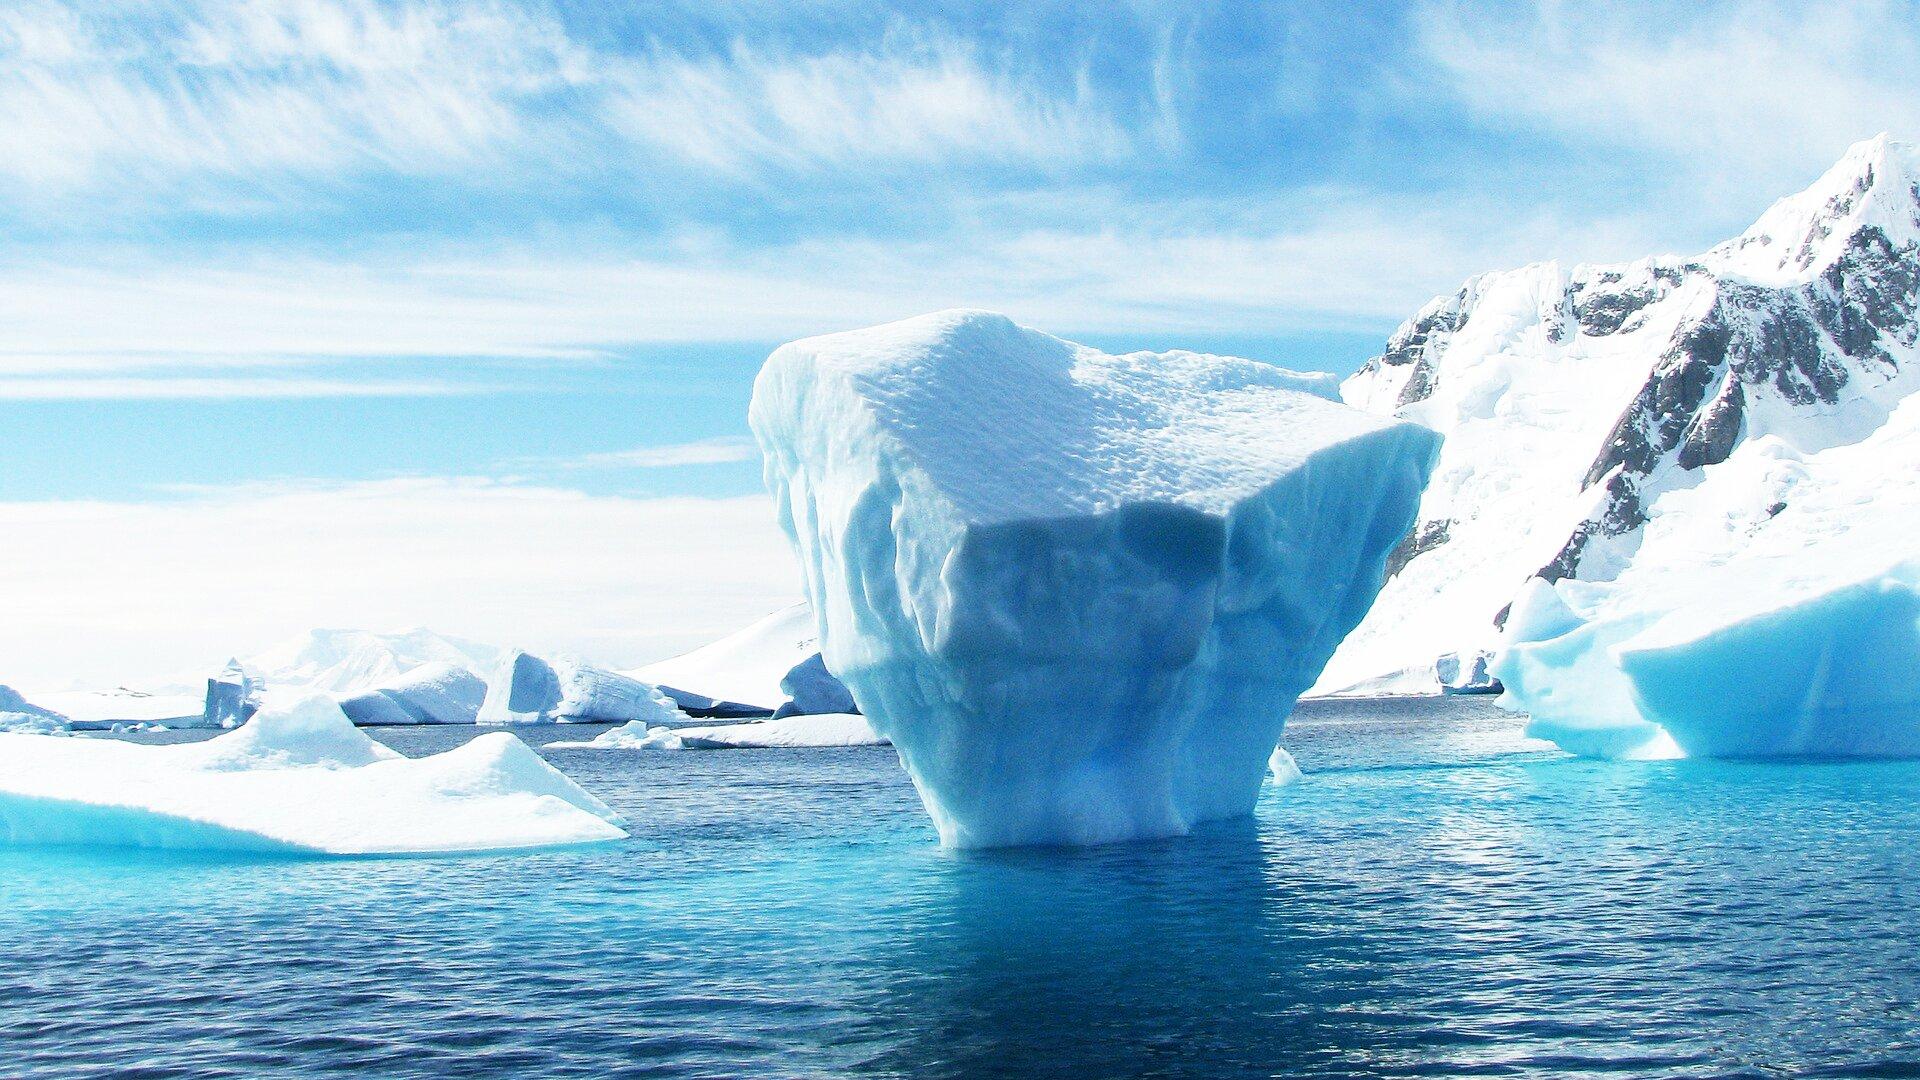 Zdjęcie zrobione zostało wstrefie okołobiegunowej. Przedstawia wysoki brzeg morski pokryty śniegiem ilodem. Na morzu widoczne są fragmenty pokrywy lodowej. Wcentrum zdjęcia widoczna jest góra lodowa.